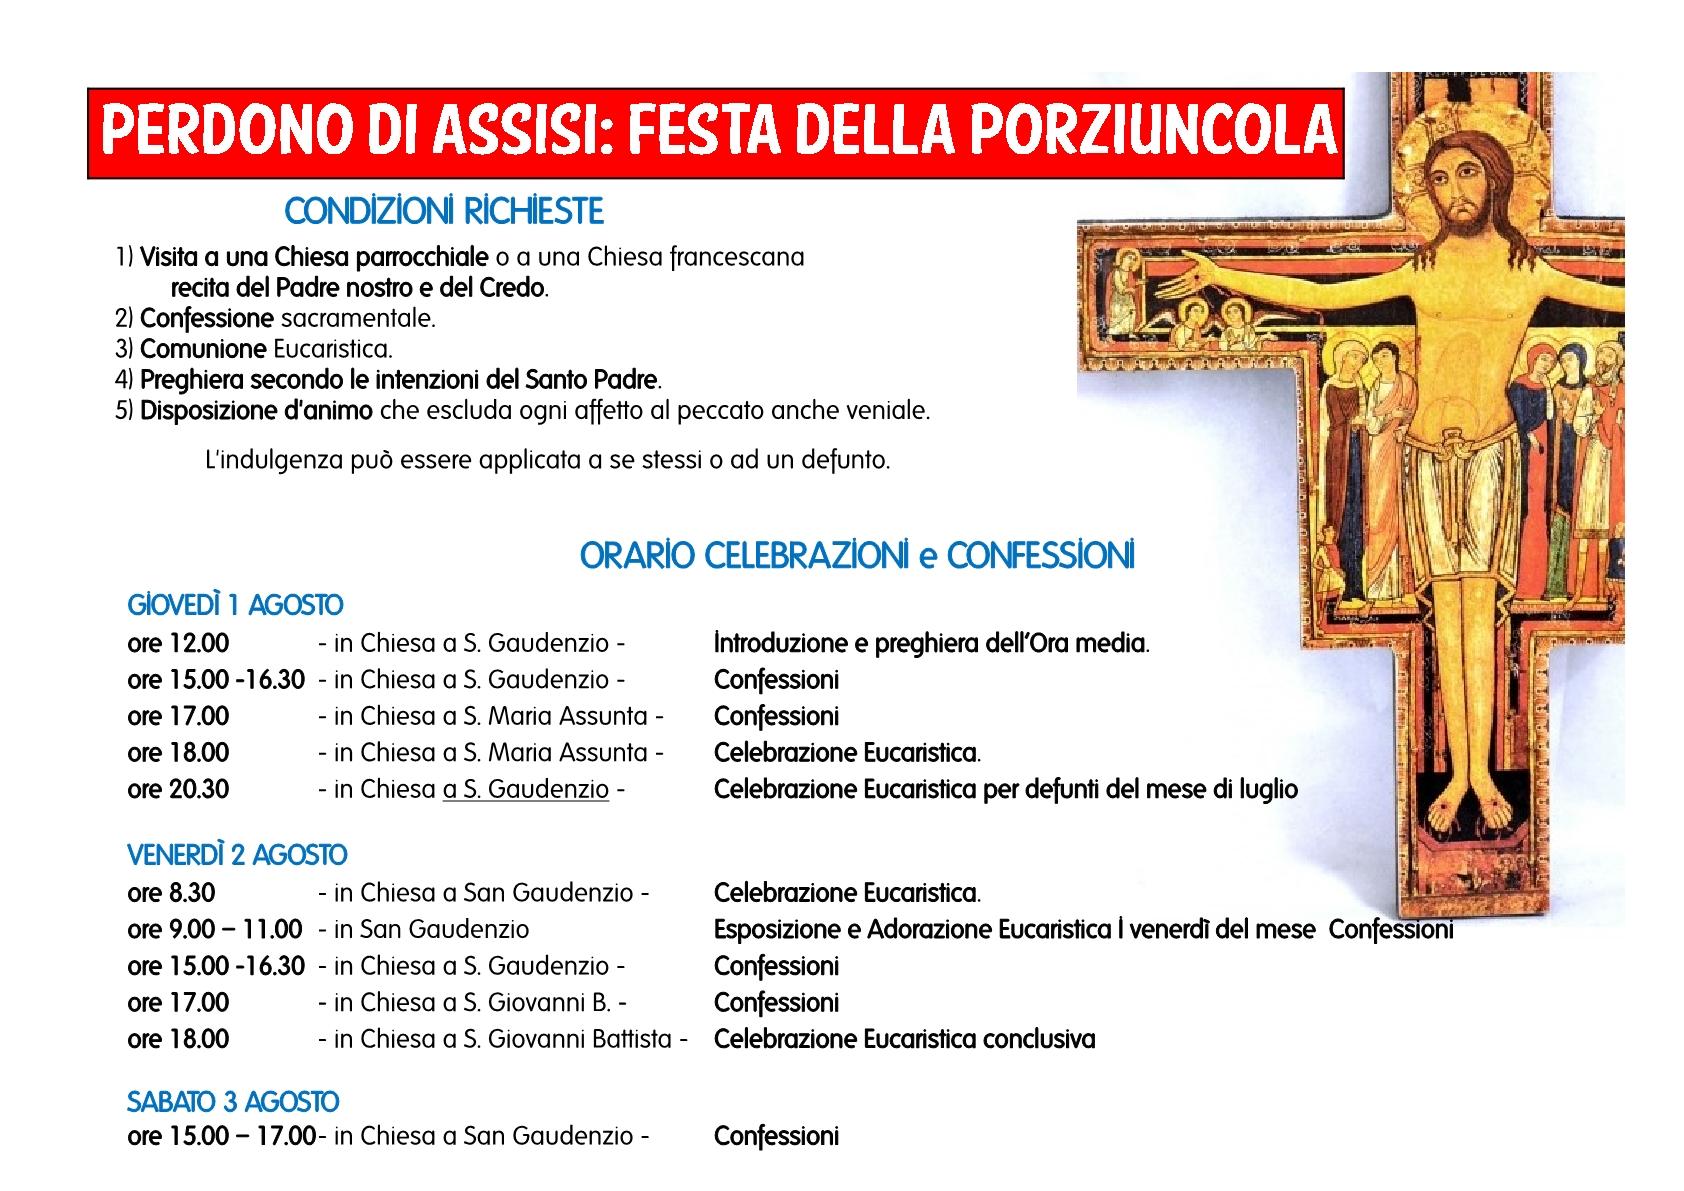 Volantino-perdono-di-Assisi1